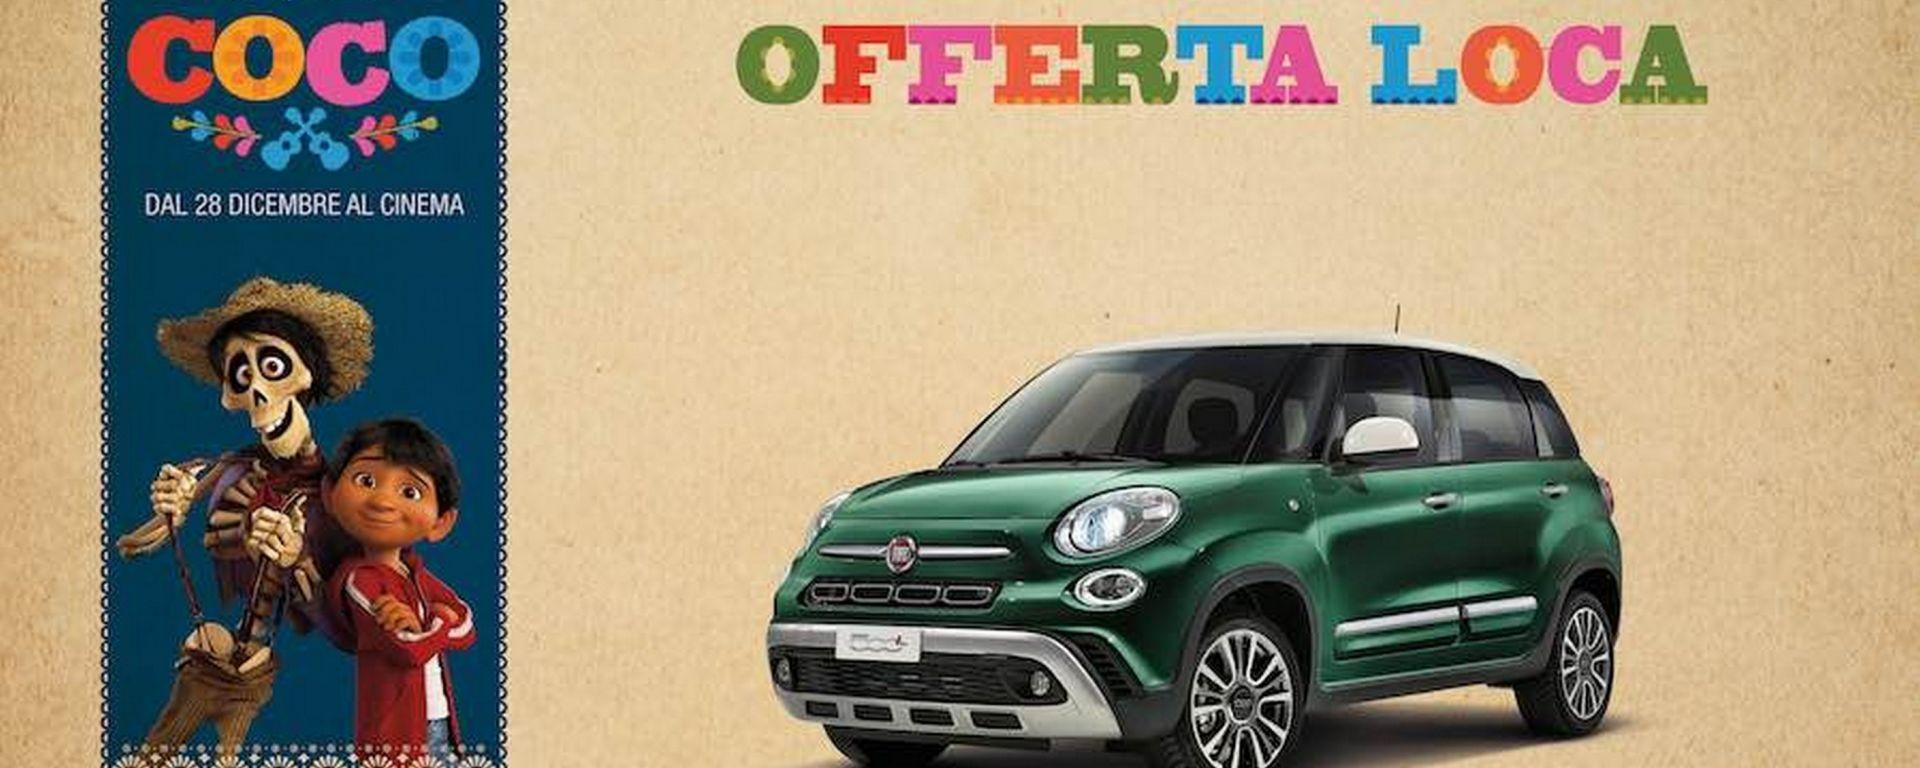 Offerta Fiat: 1.000 euro di sconto fino a Capodanno